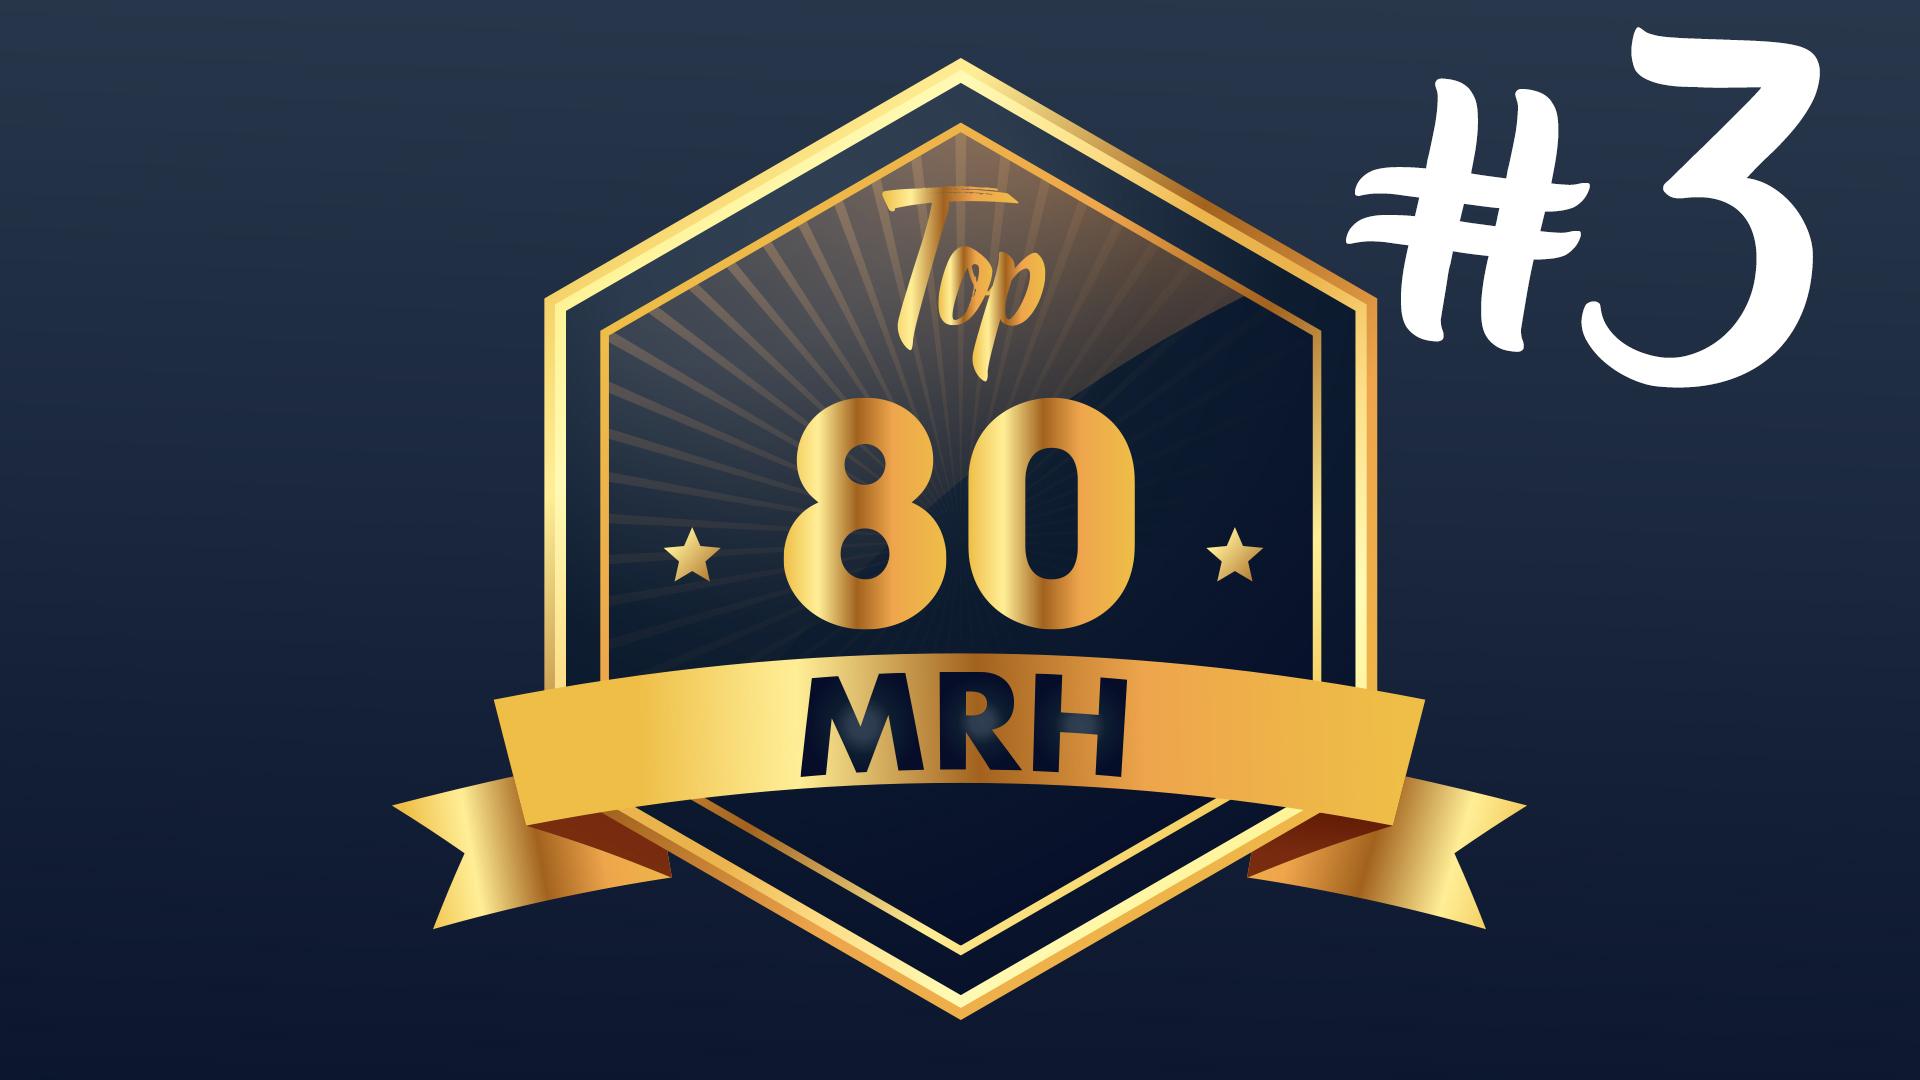 Top 80 MRH - Quel est le classement du troisième Top MRH ?